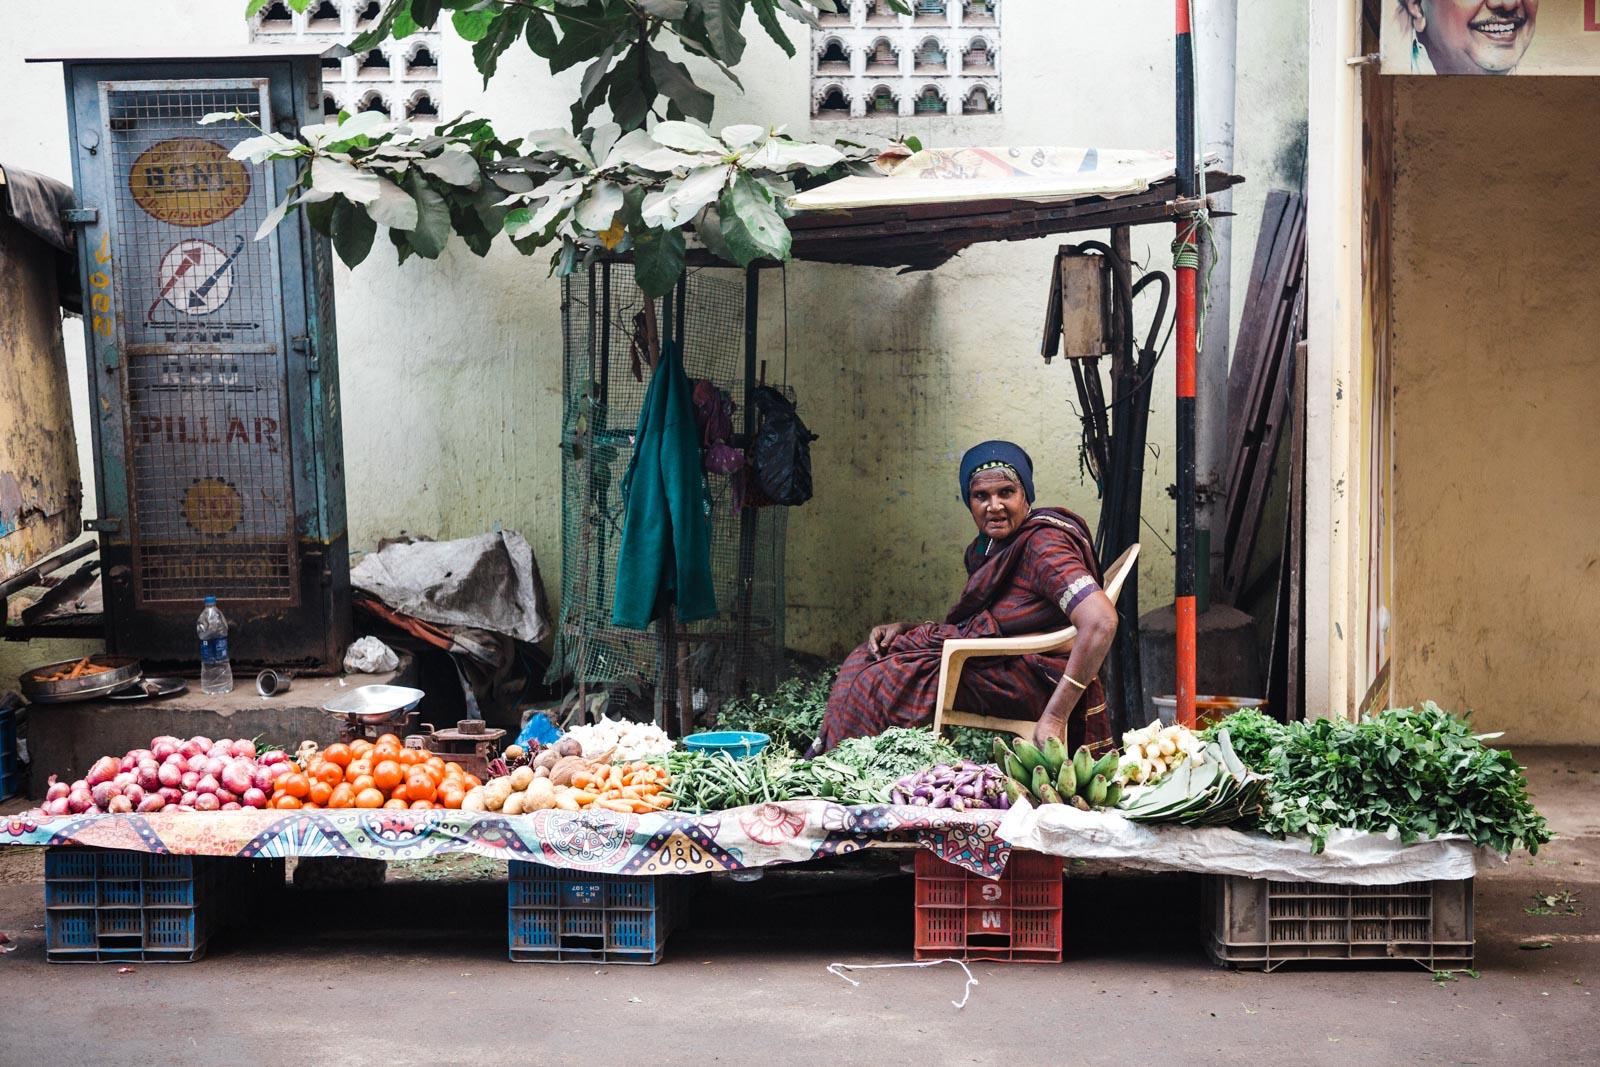 Travel photography, image of Chennai India